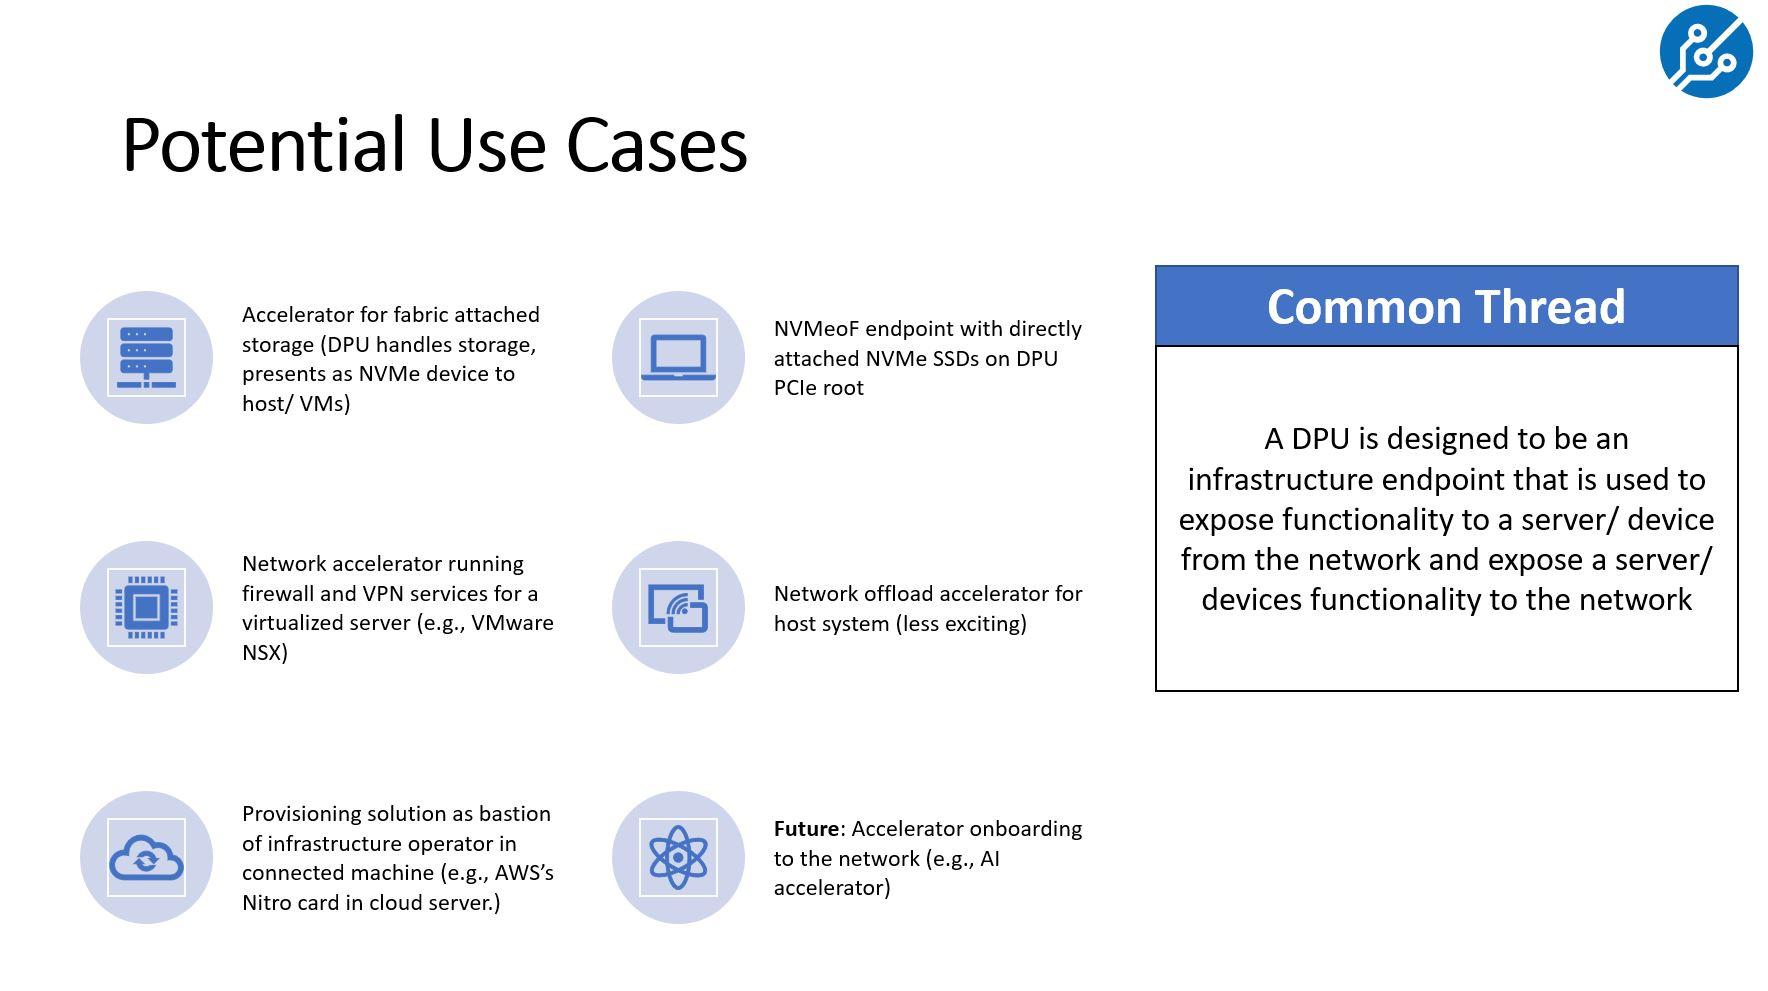 DPU Potential Use Cases Q2 2021